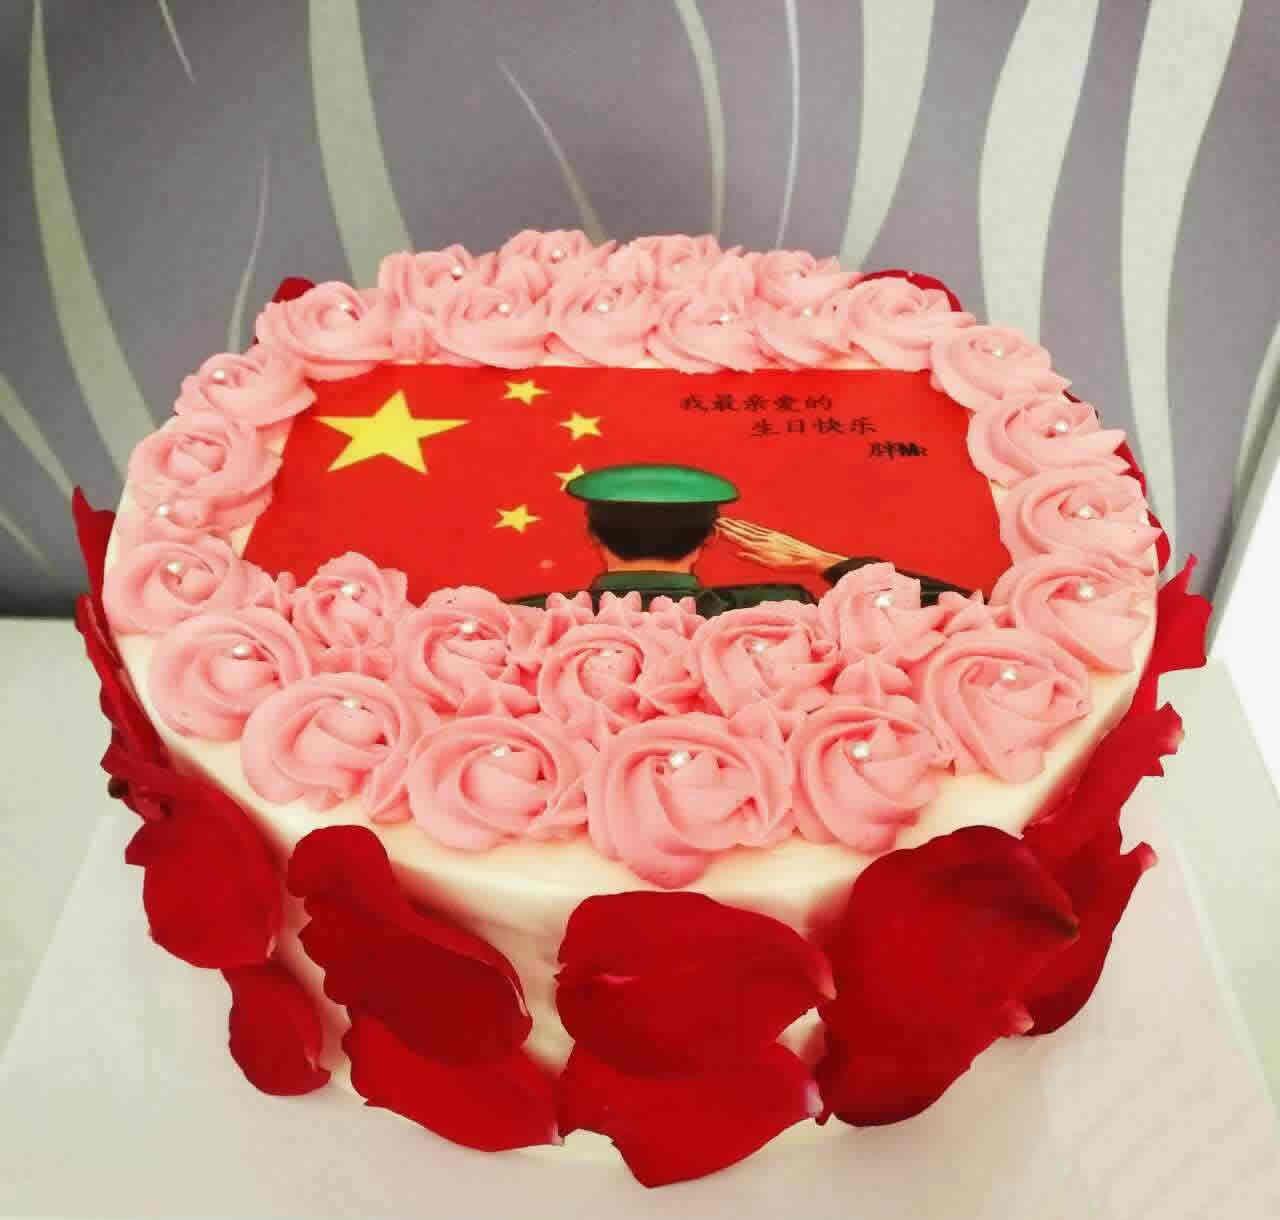 无锡滨湖区鲜花-红旗飘飘